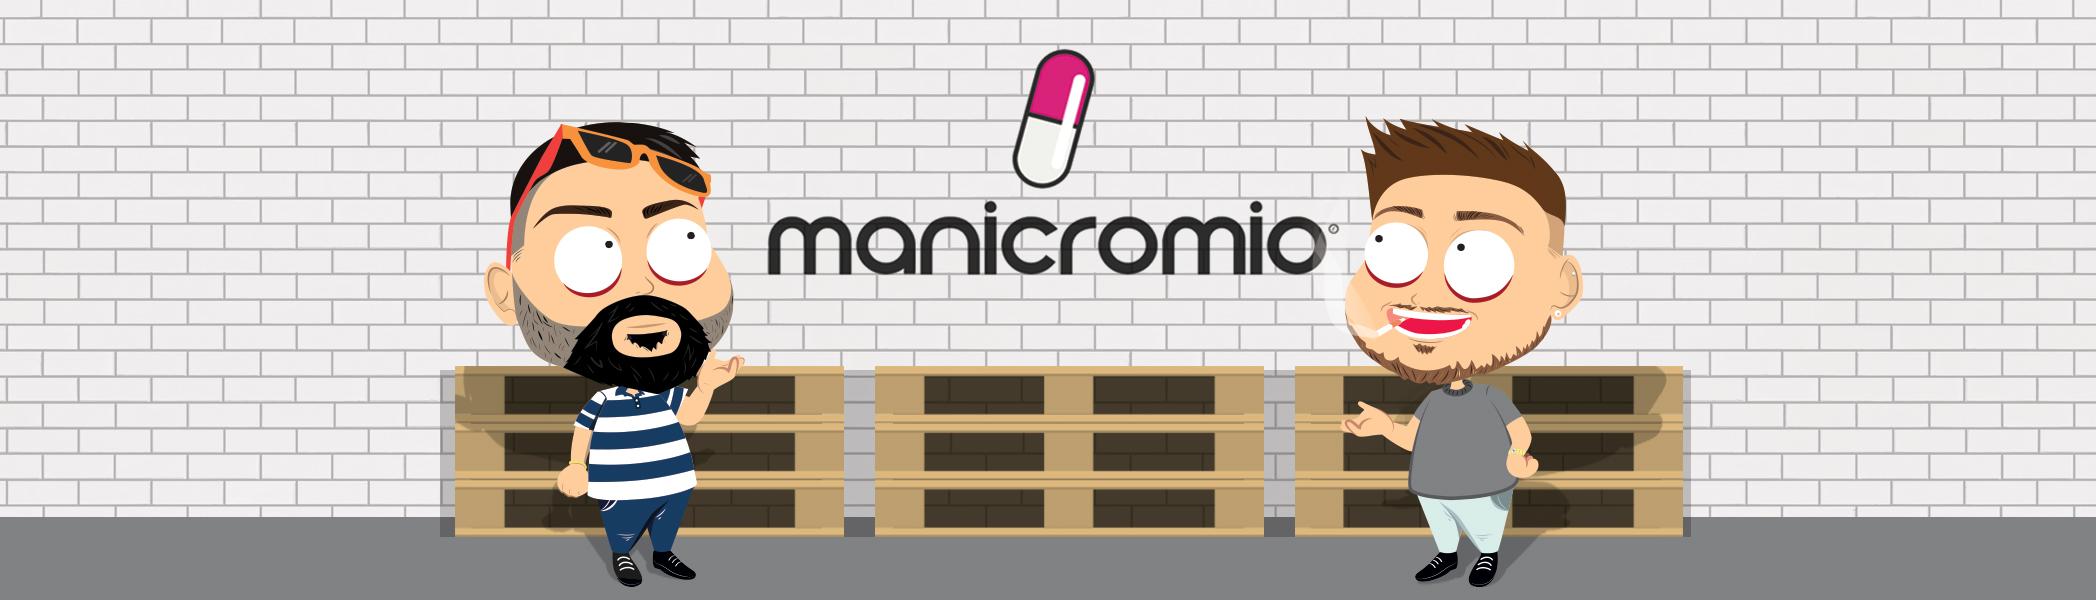 Manicromio | agenzia di grafica e stampa | ostia lido | Roma | web | loghi | illustrazione